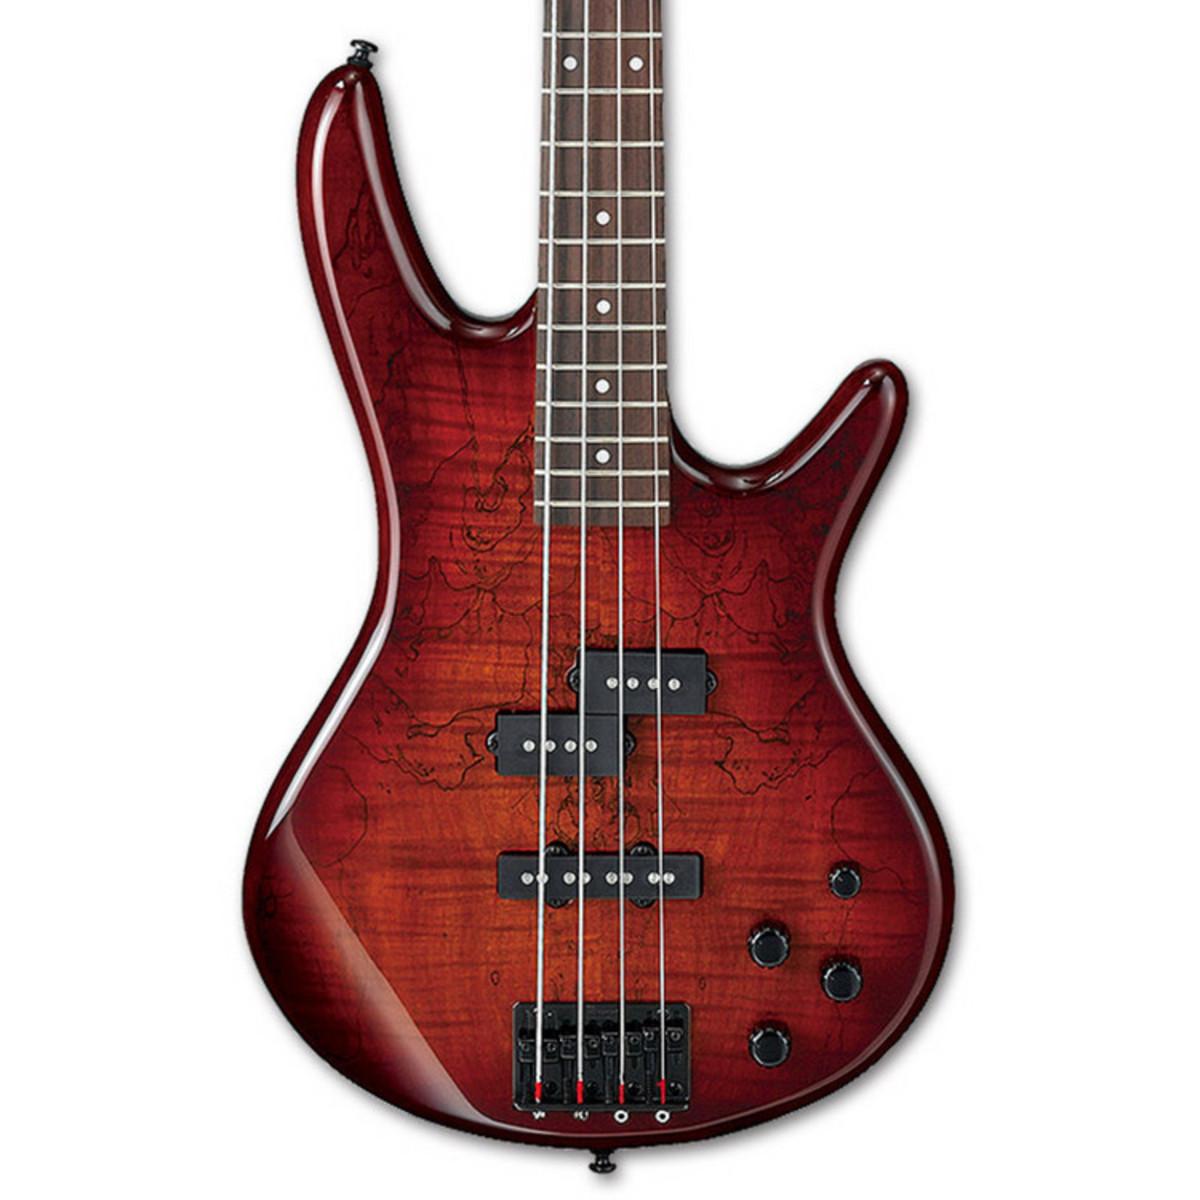 ibanez gsr200 gio bass guitar charcoal brown burst gig bag at. Black Bedroom Furniture Sets. Home Design Ideas